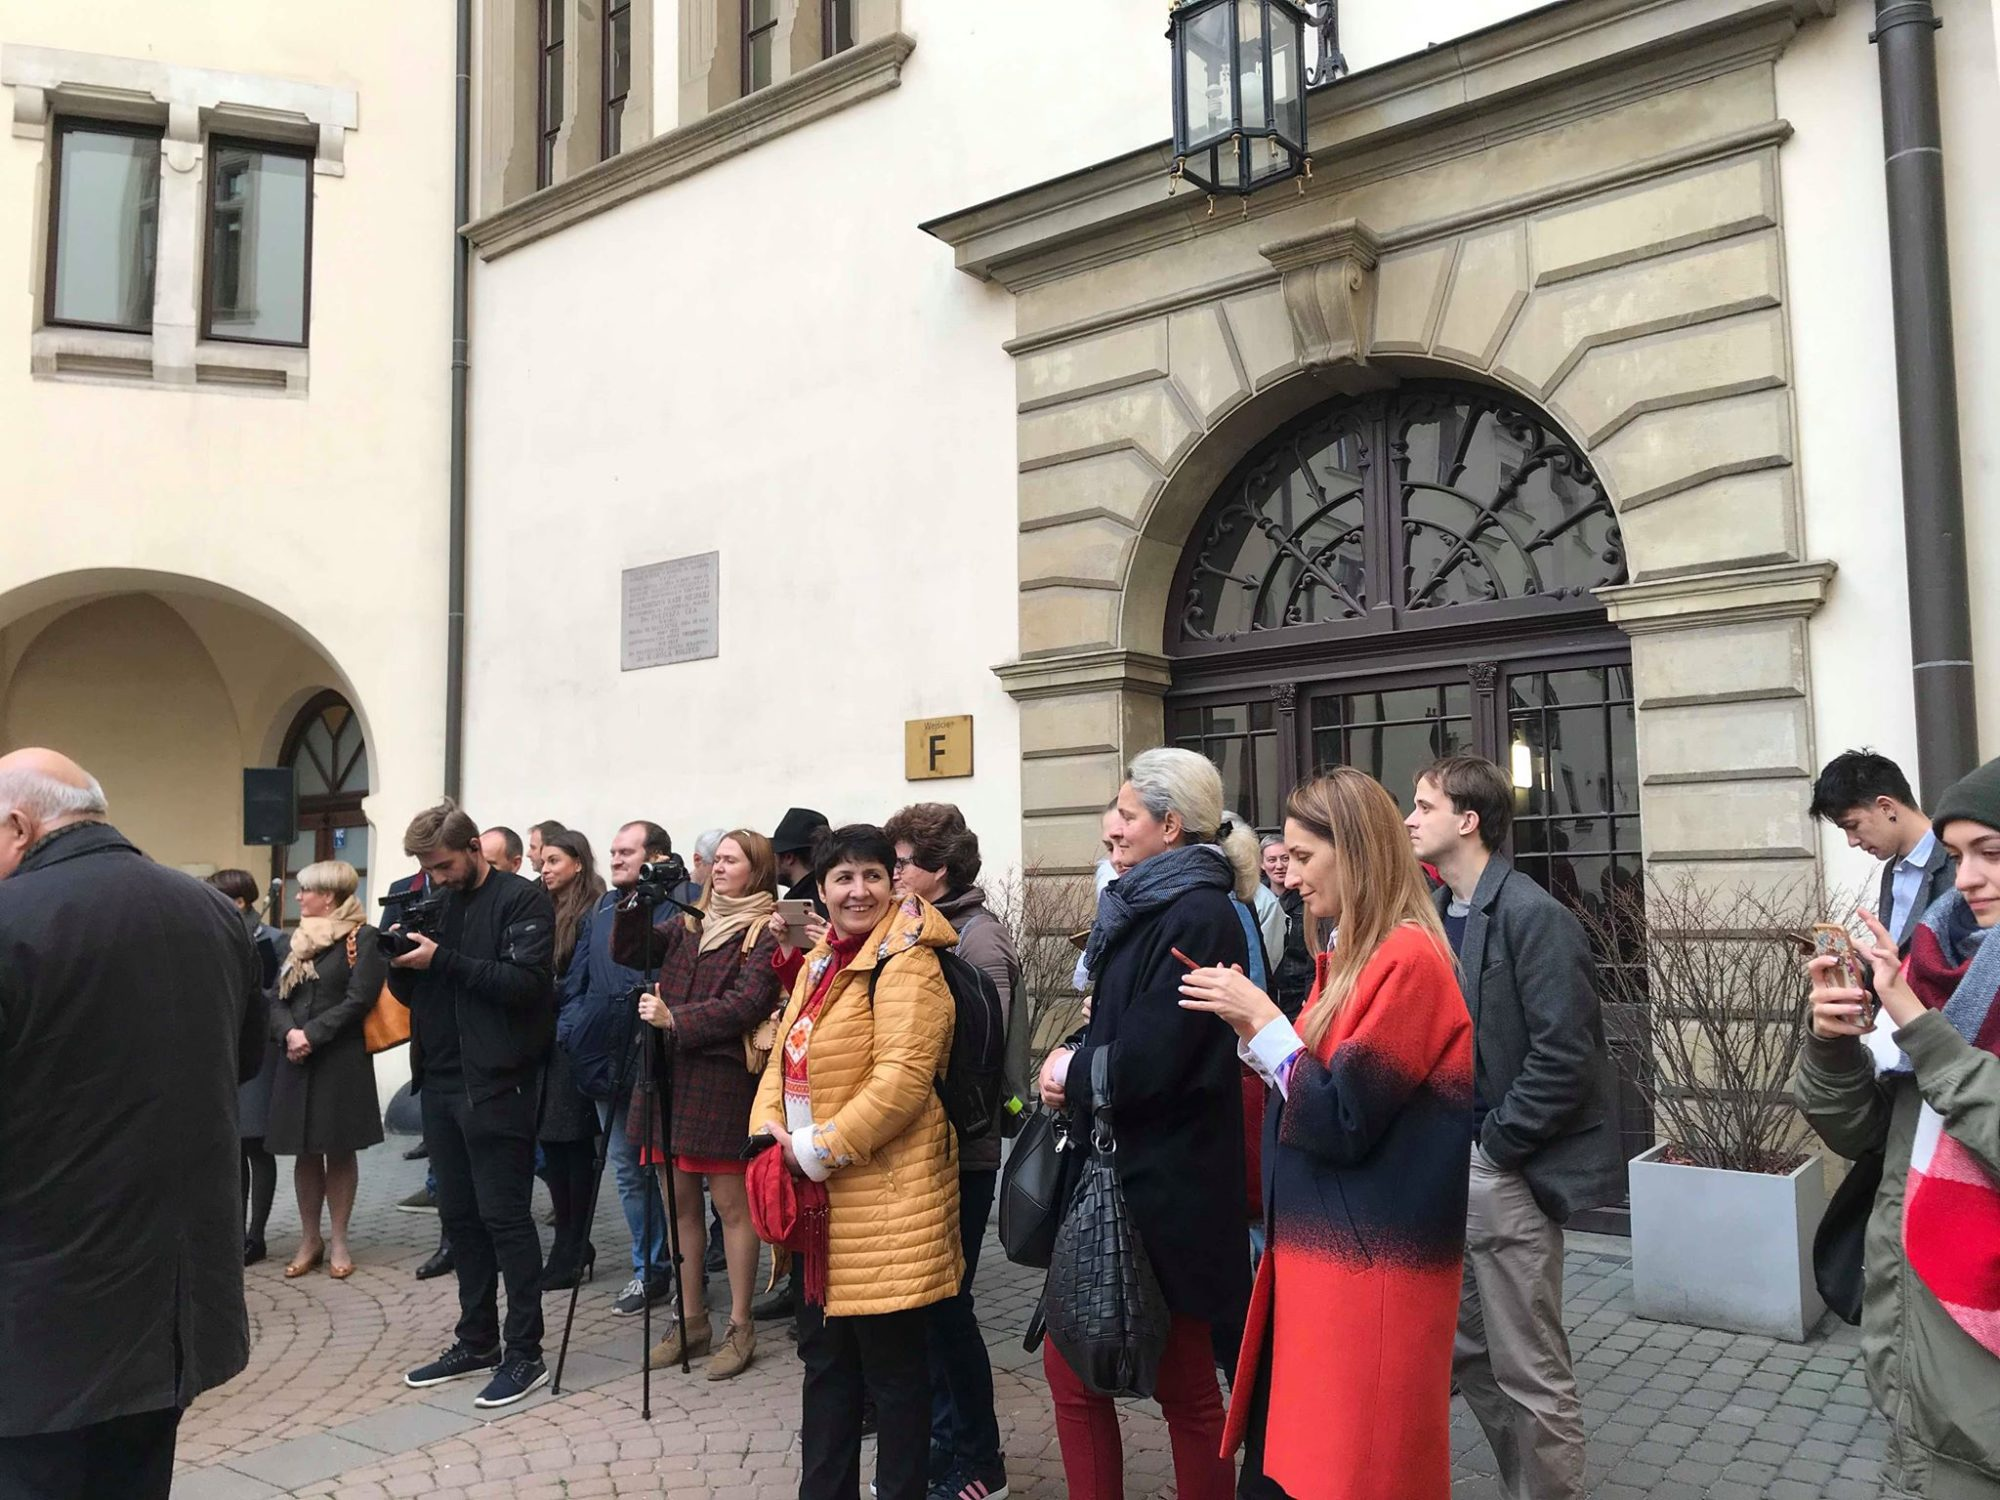 72479512_2358182137780707_6953066669379944448_n-2000x1500 У Кракові відкрили пам'ятник Анні Київській